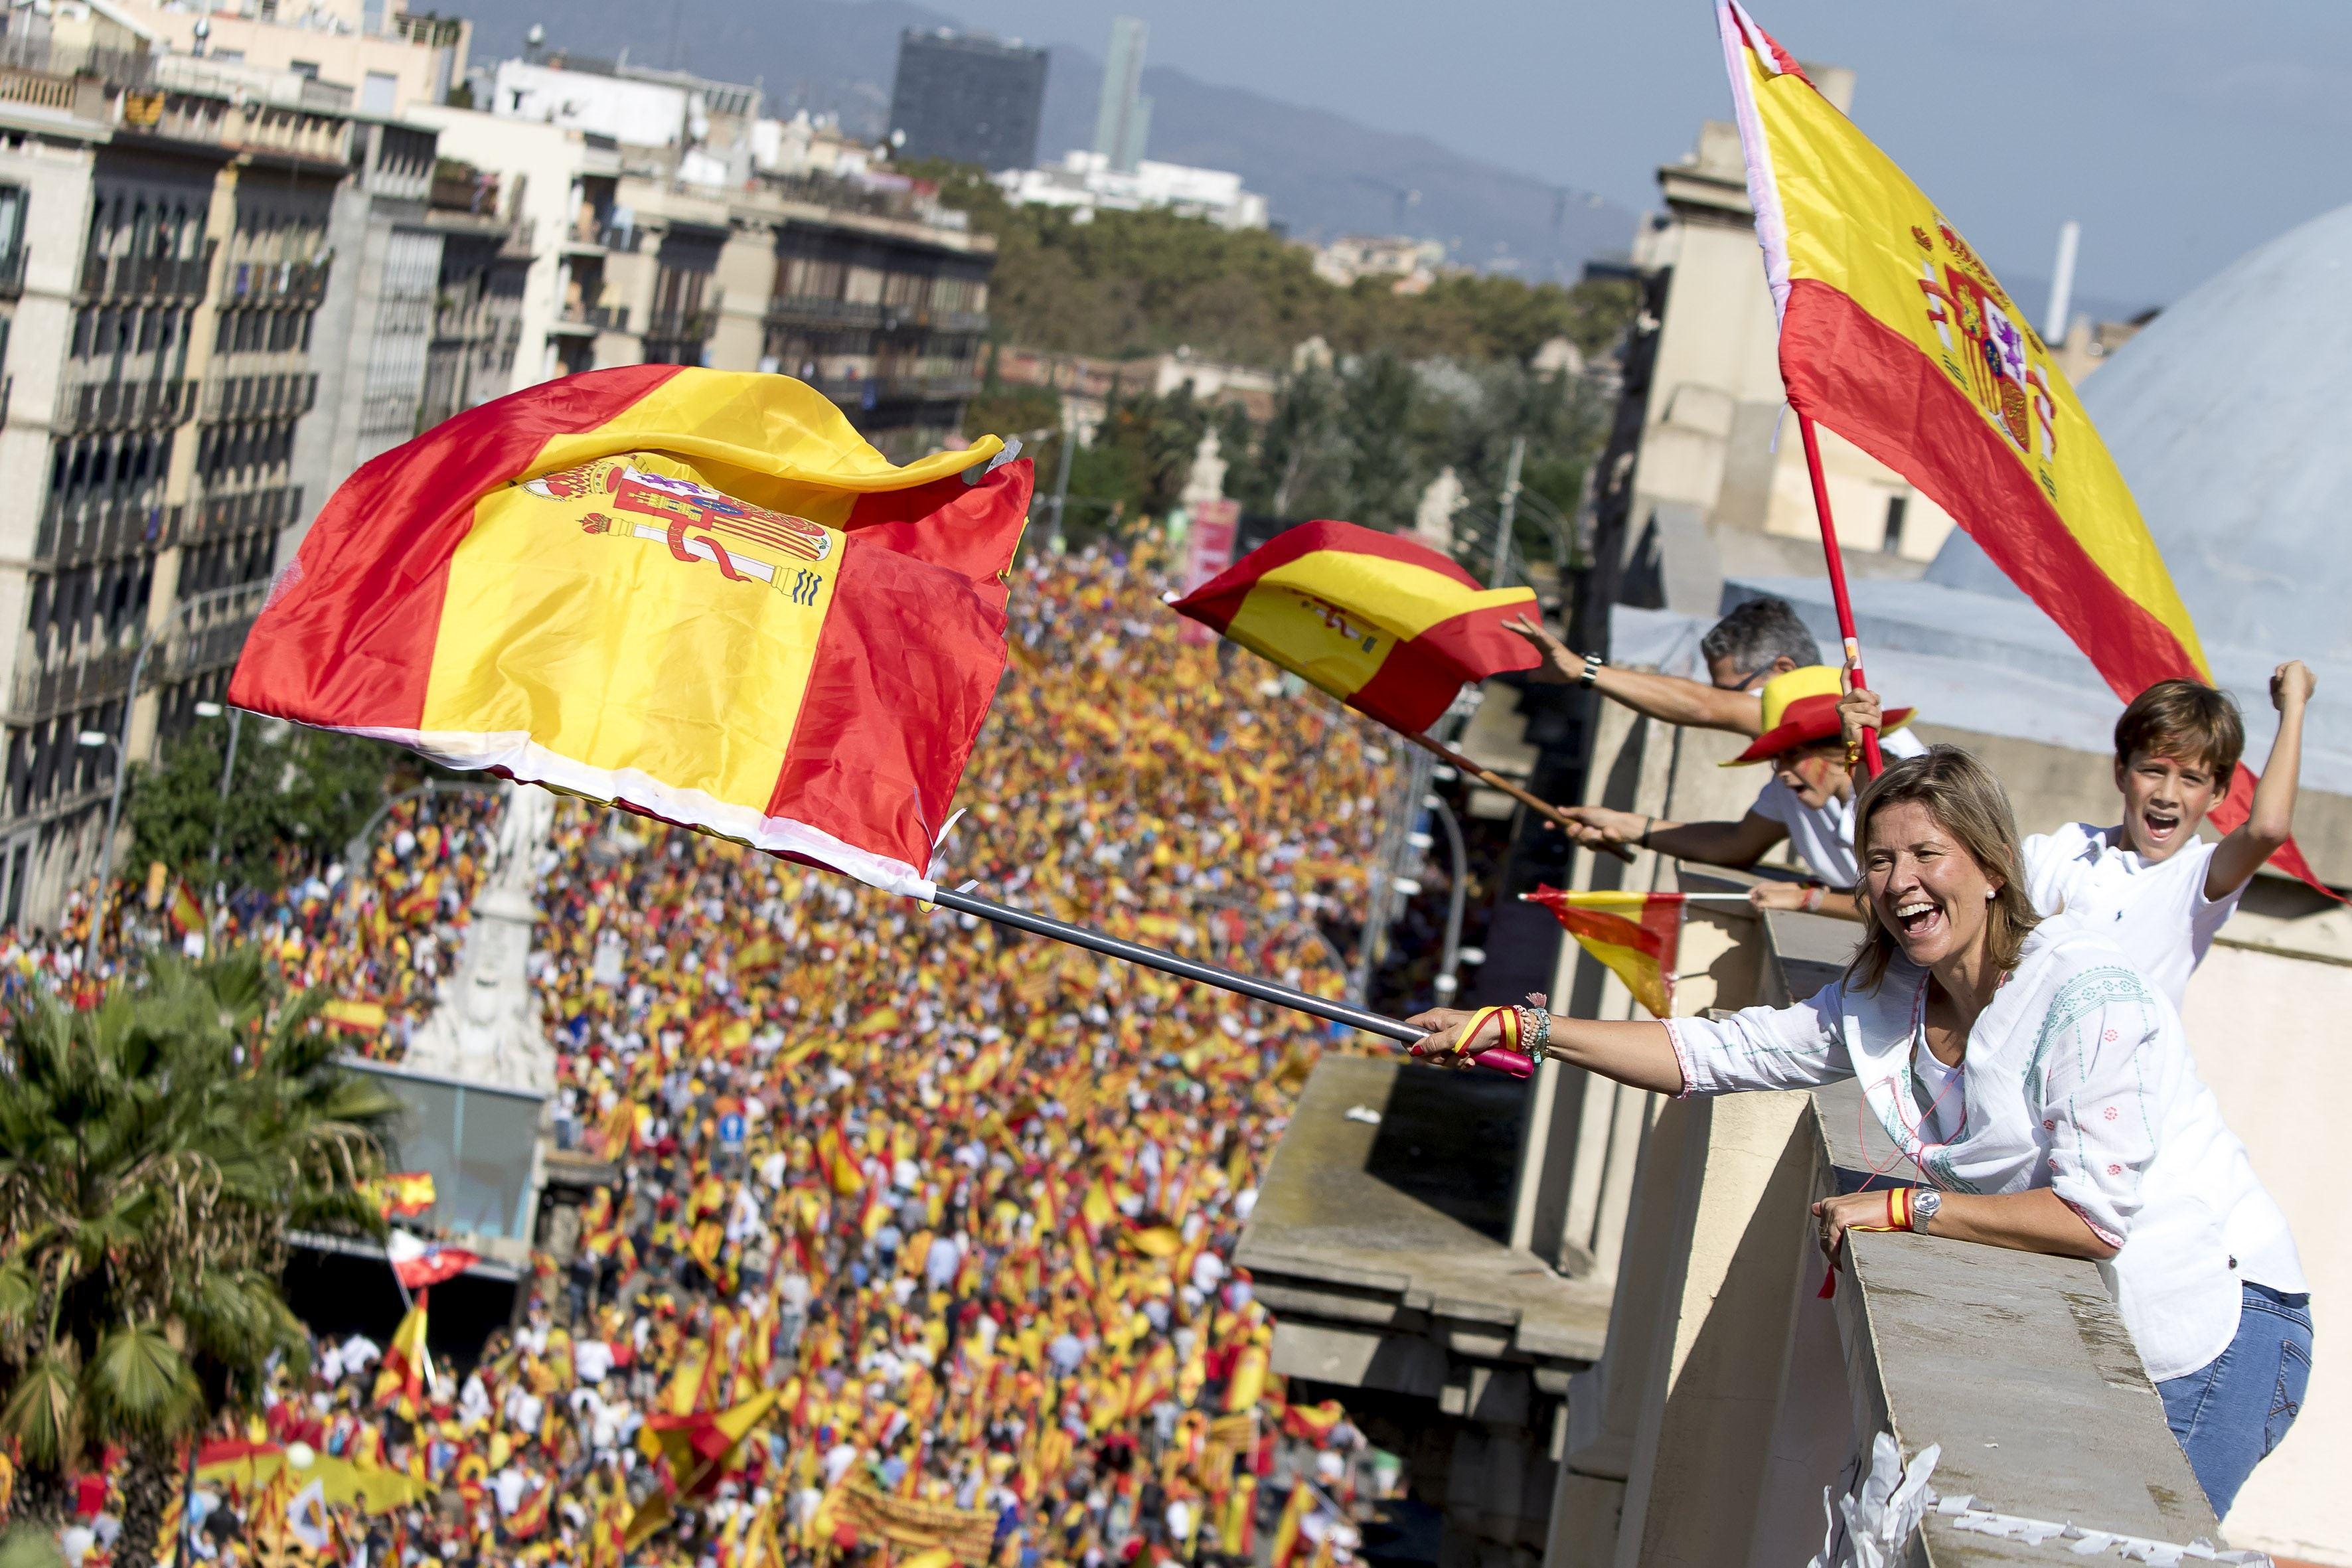 La o zi după ce Catalonia şi-a declarat independenţa: Mii de spanioli, în stradă la Madrid / Liderul regiunii le cere catalanilor să se opună activării art.155, în timp ce premierul Spaniei îl face iresponsabil - FOTO, VIDEO